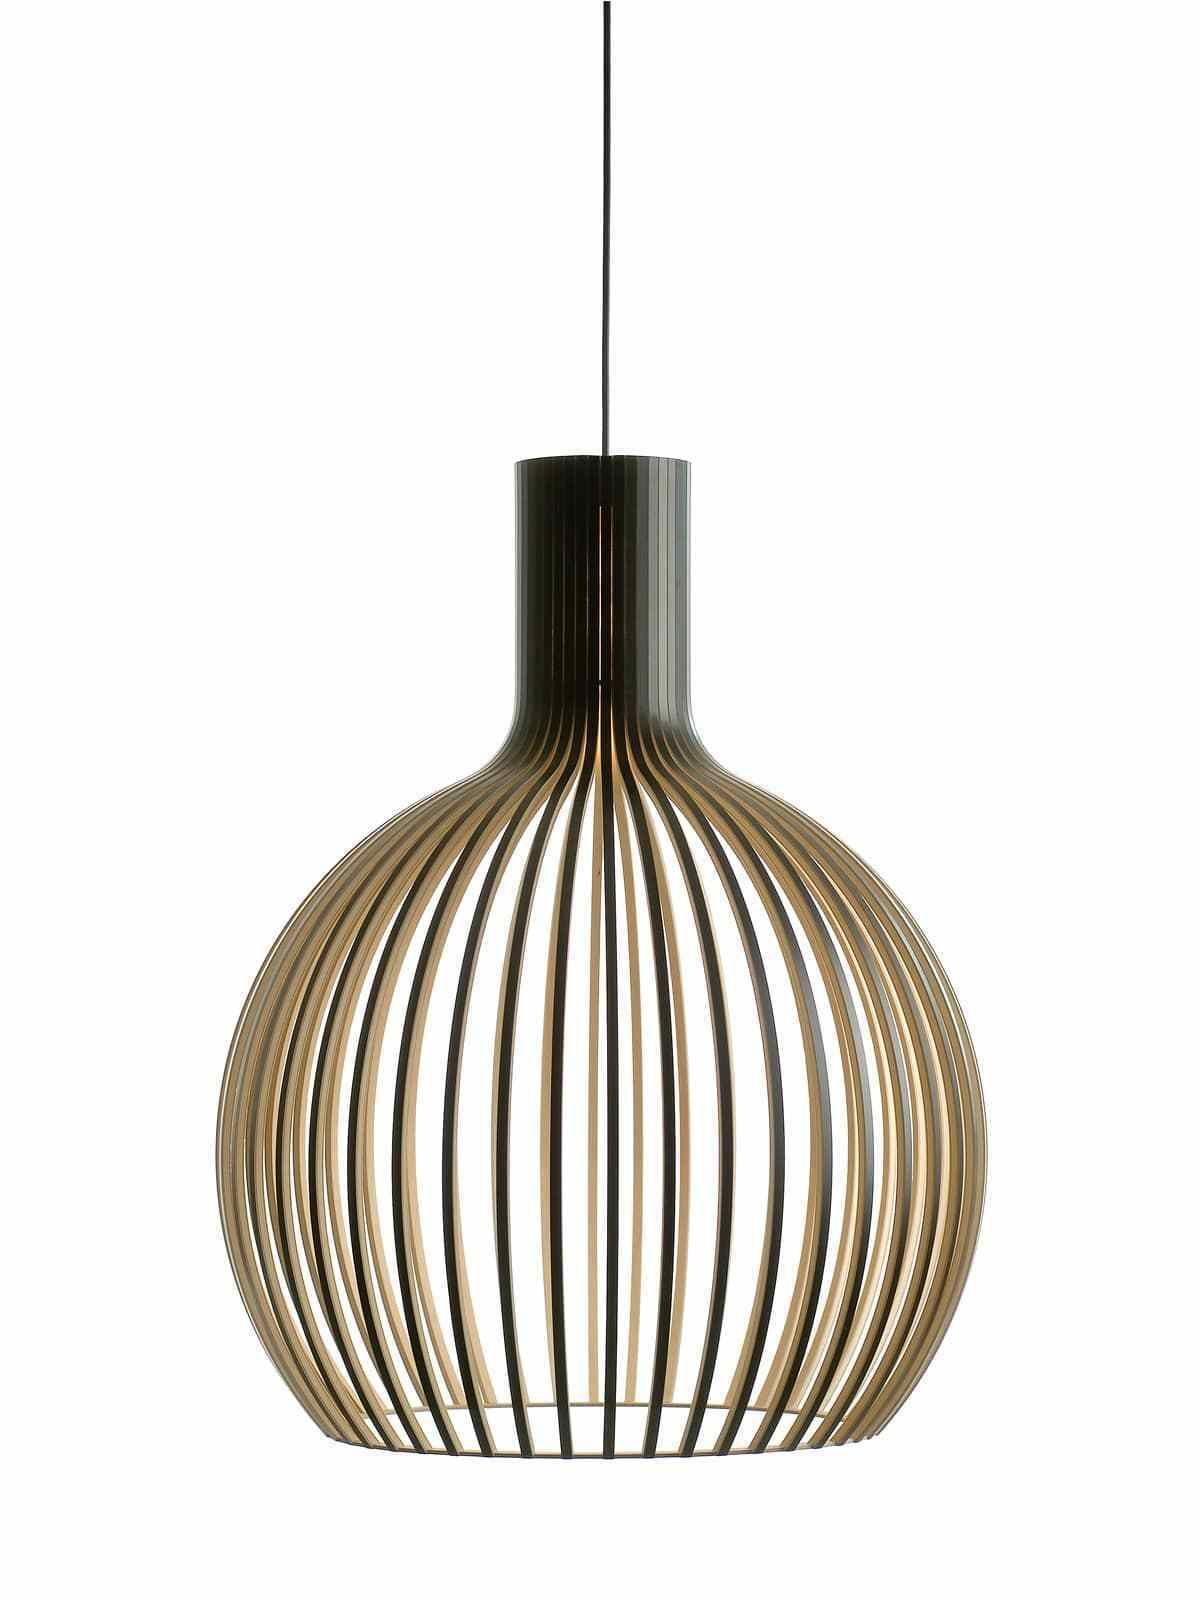 Designerleuchten & Designerlampen kaufen bei